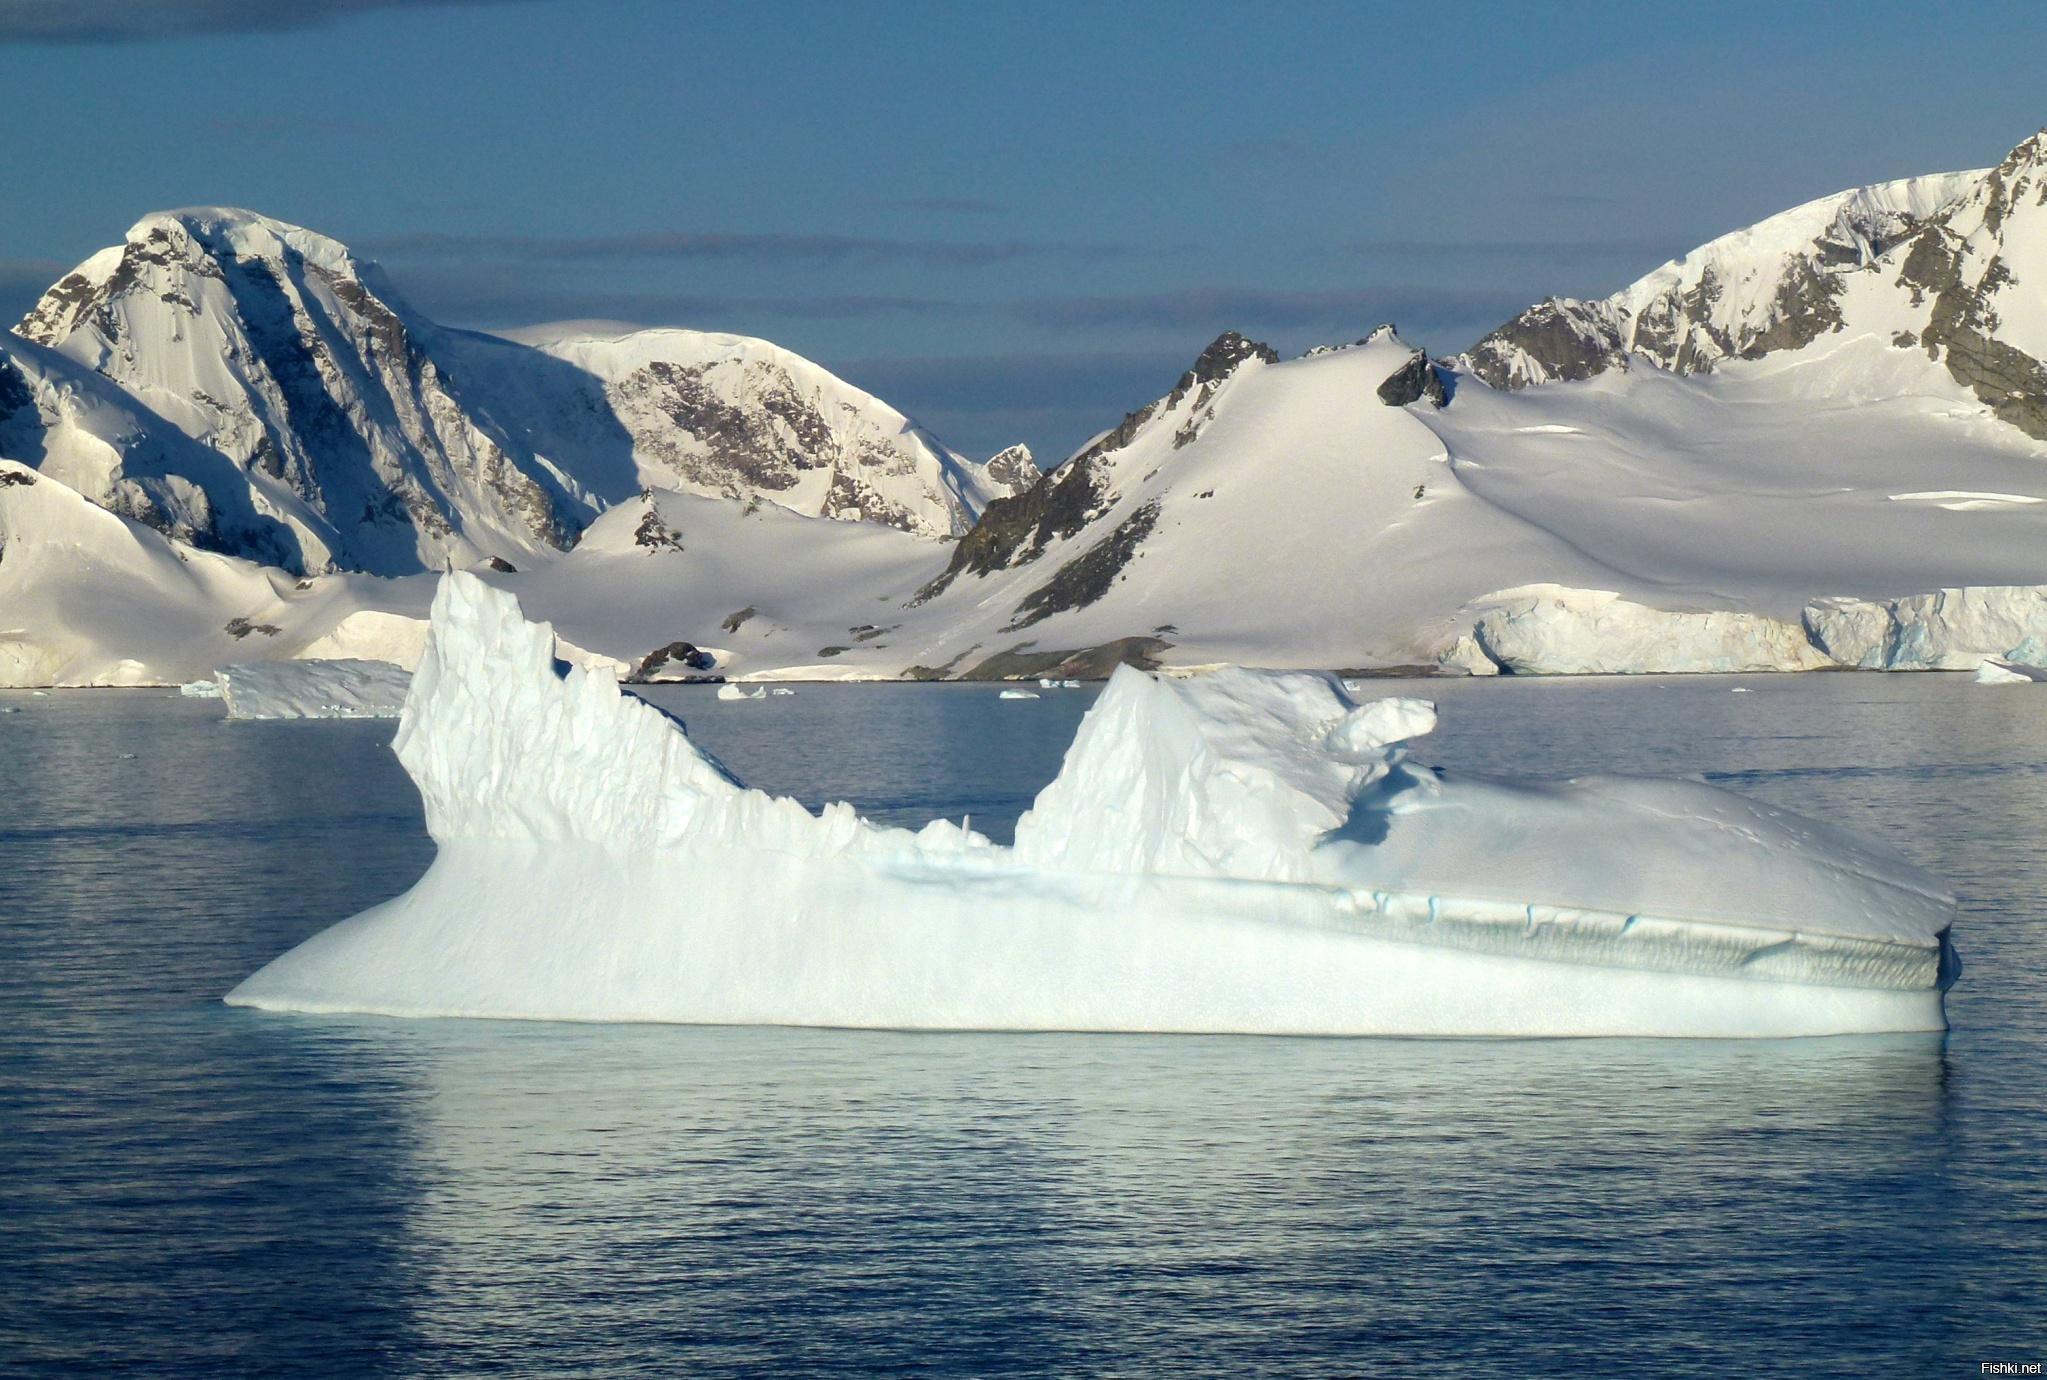 как выглядит антарктида фото нынешнее